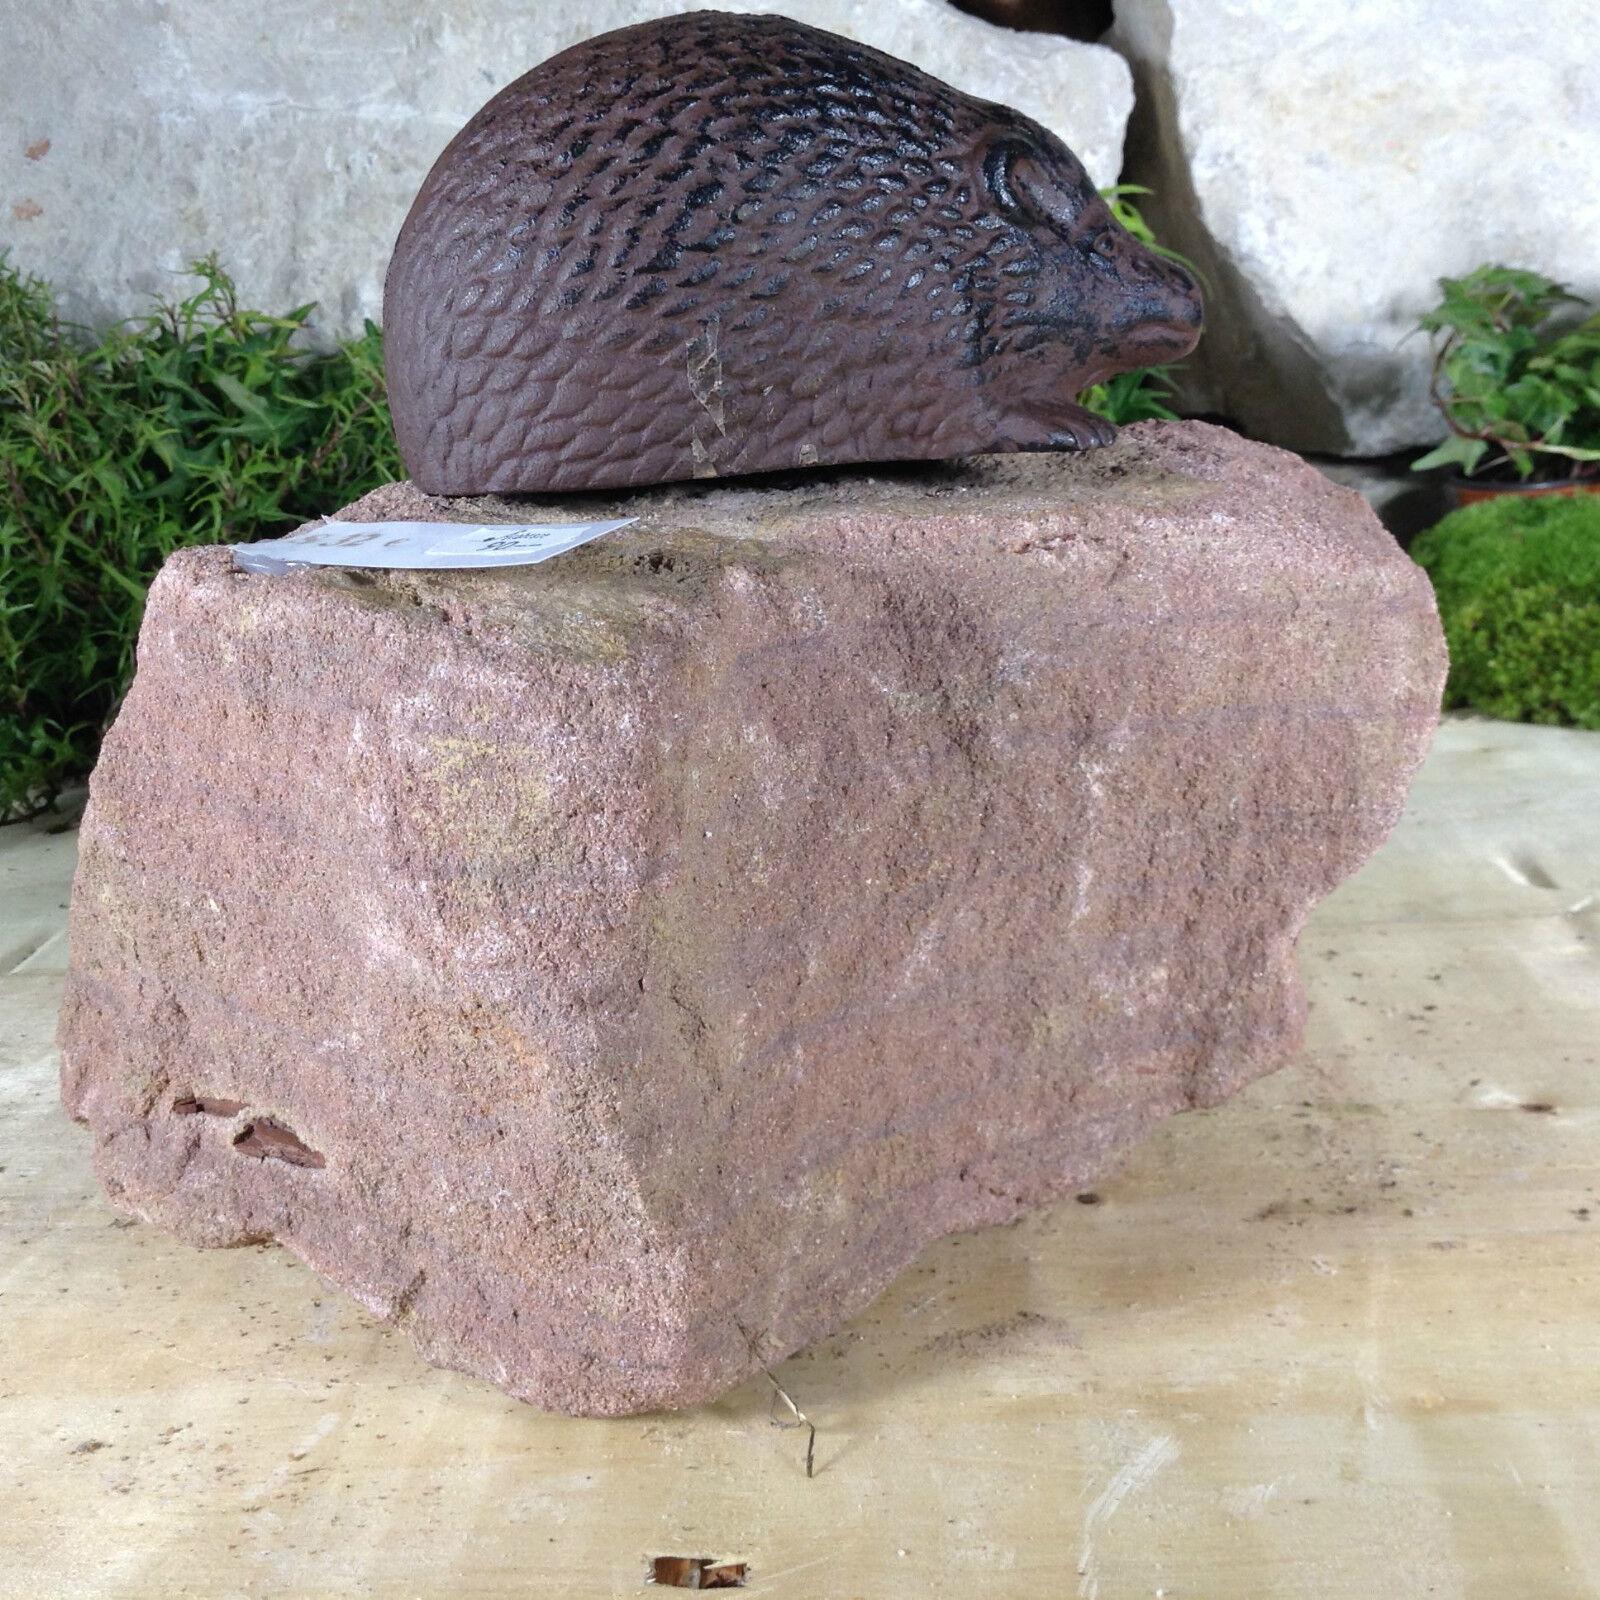 Garten Terrasse Bachlauf Bachlauf Bachlauf Naturstein Sandstein Figur Igel Hase Echse Eidechse e7a94d